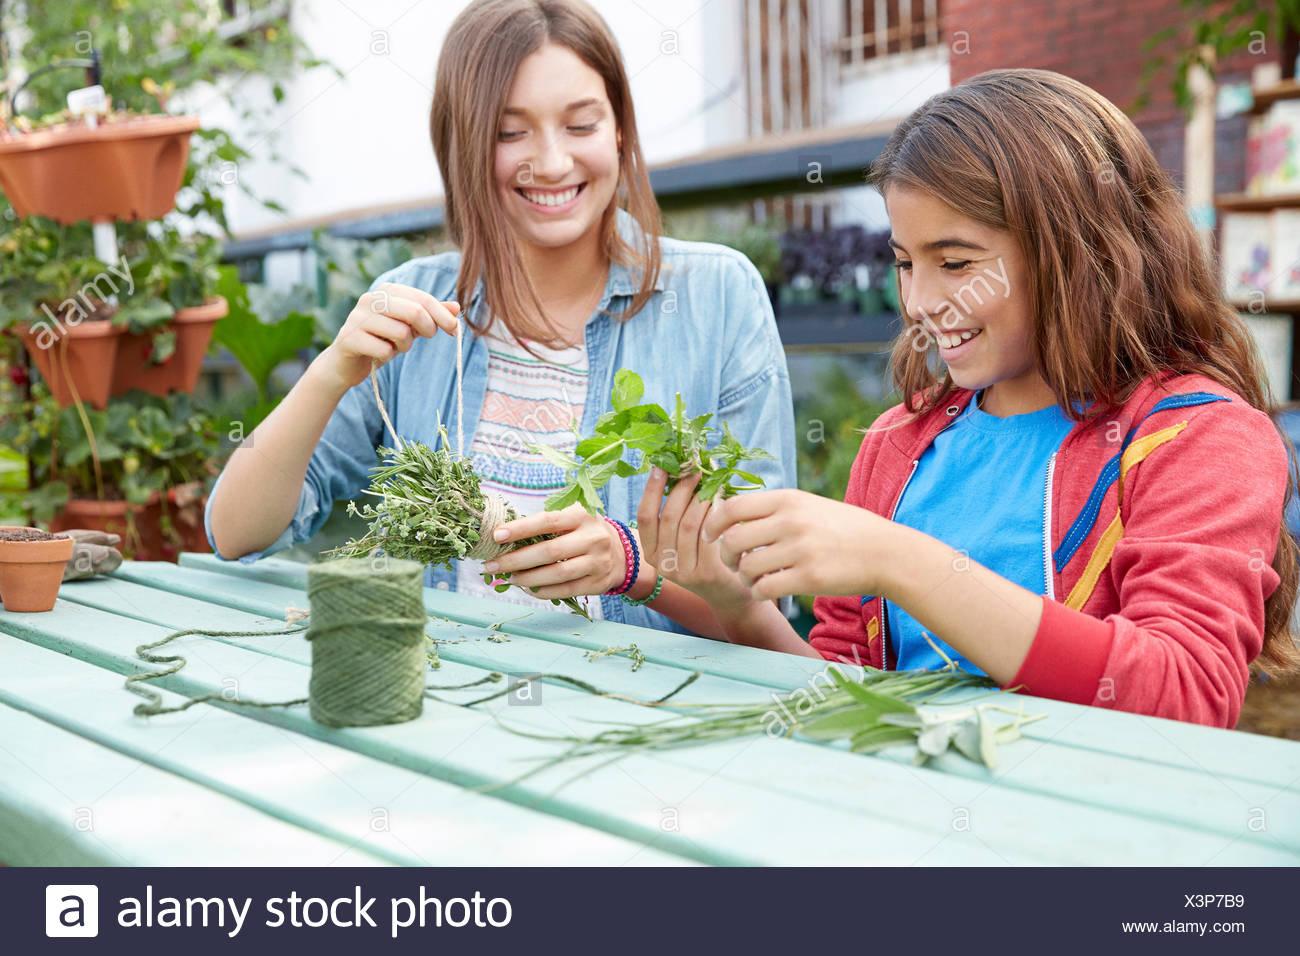 Hermanas latinas bundling hierbas en la mesa de jardín Imagen De Stock